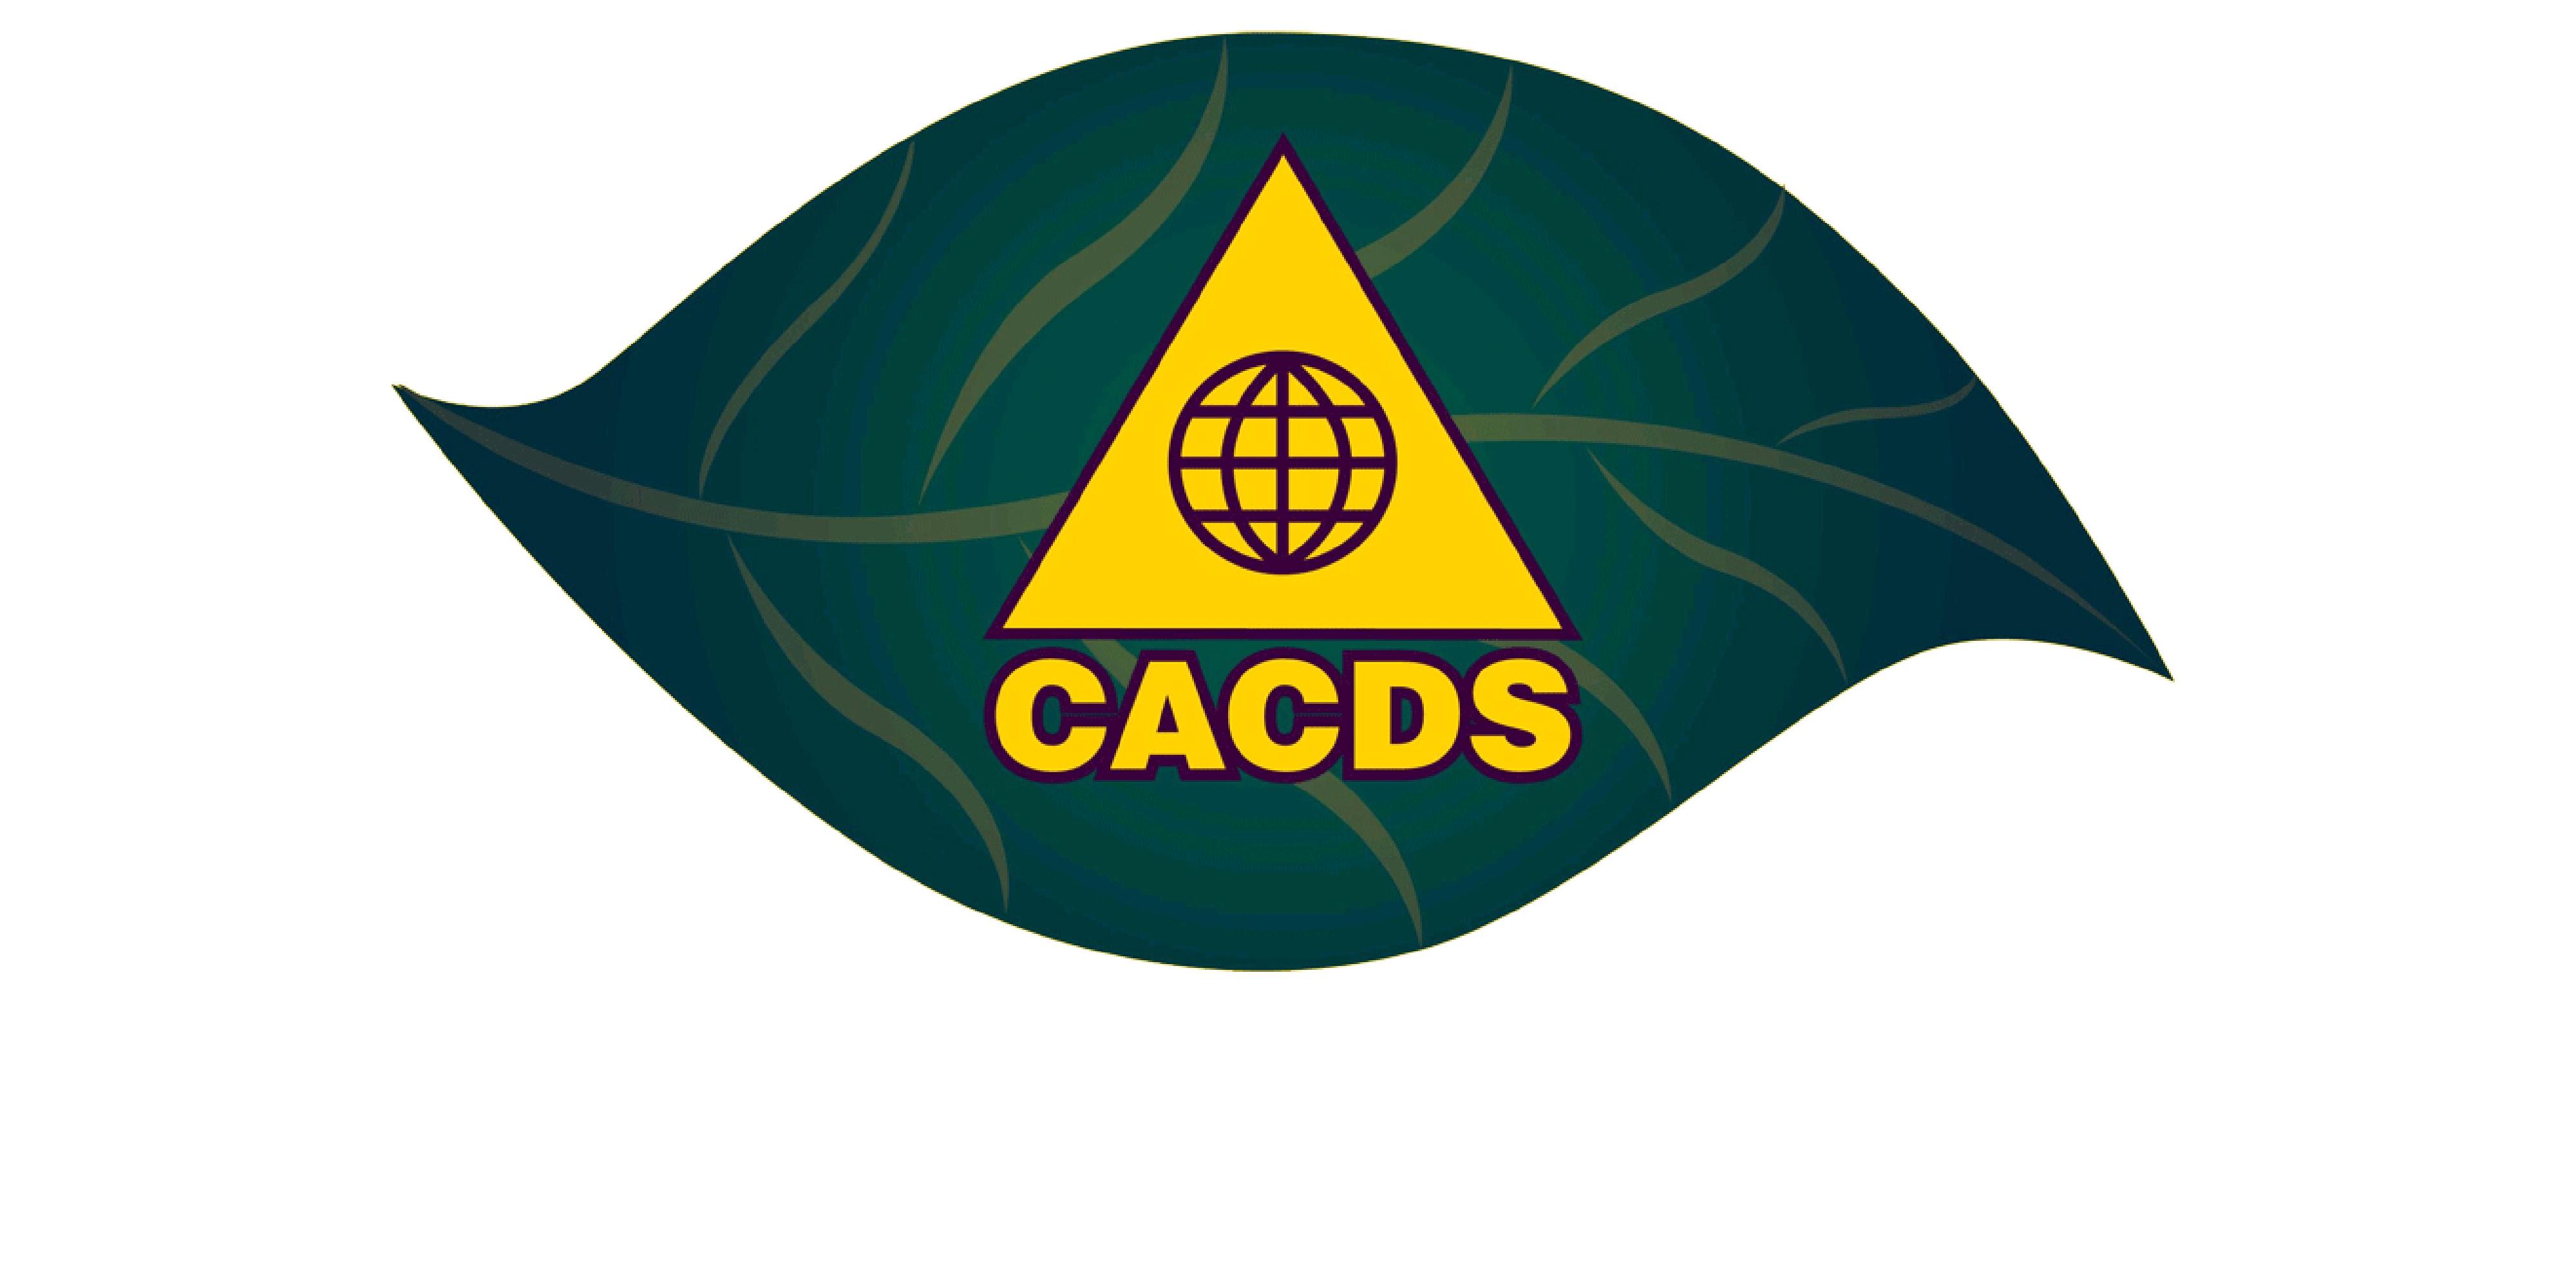 Fot. cacds.org.ua